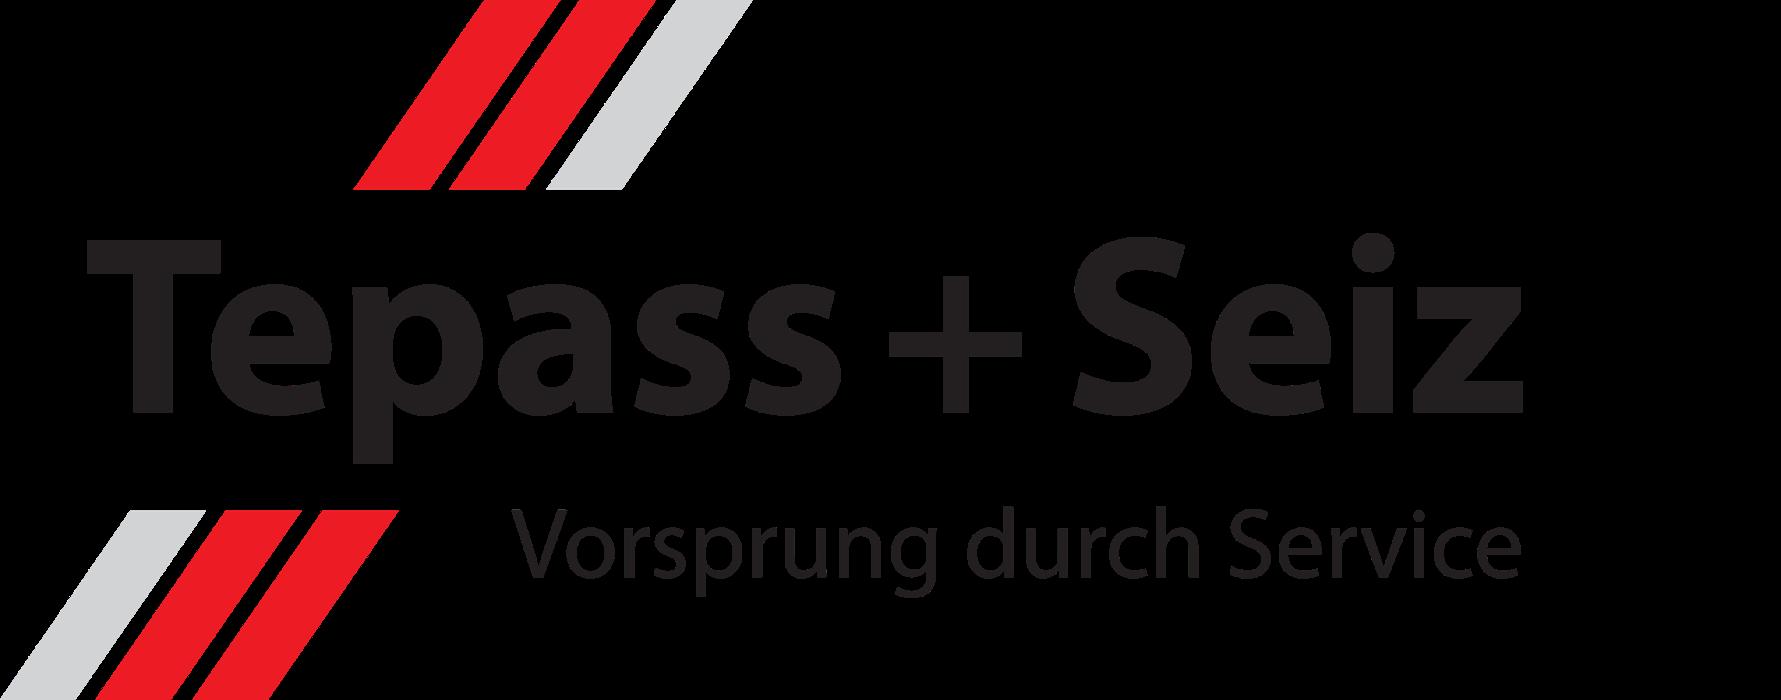 Bild zu Autohaus Tepass + Seiz GmbH + Co. KG in Schwelm